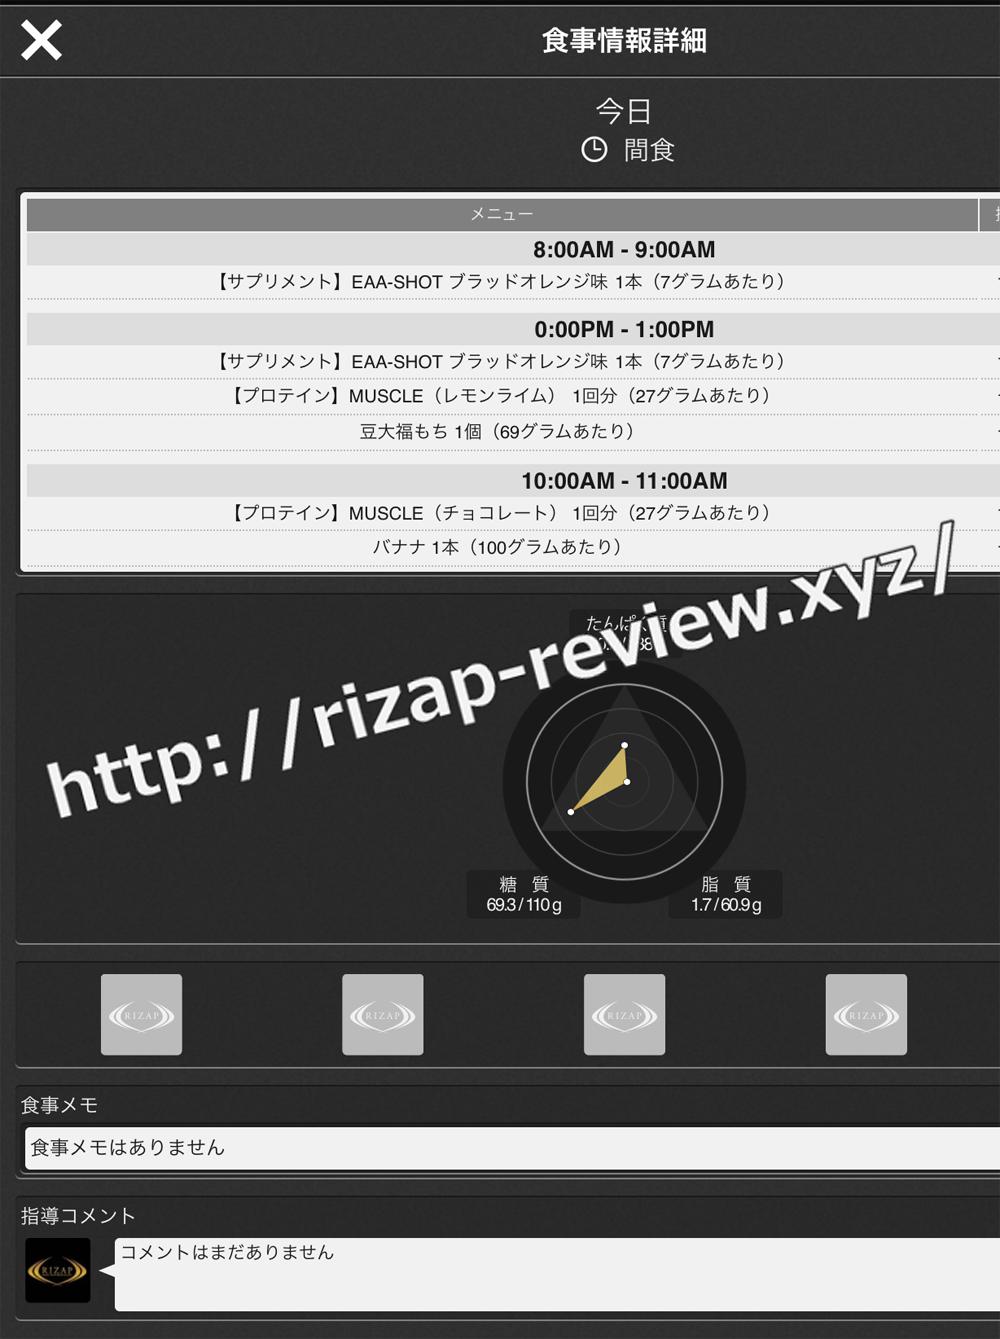 2018.11.22(木)ライザップ流の間食